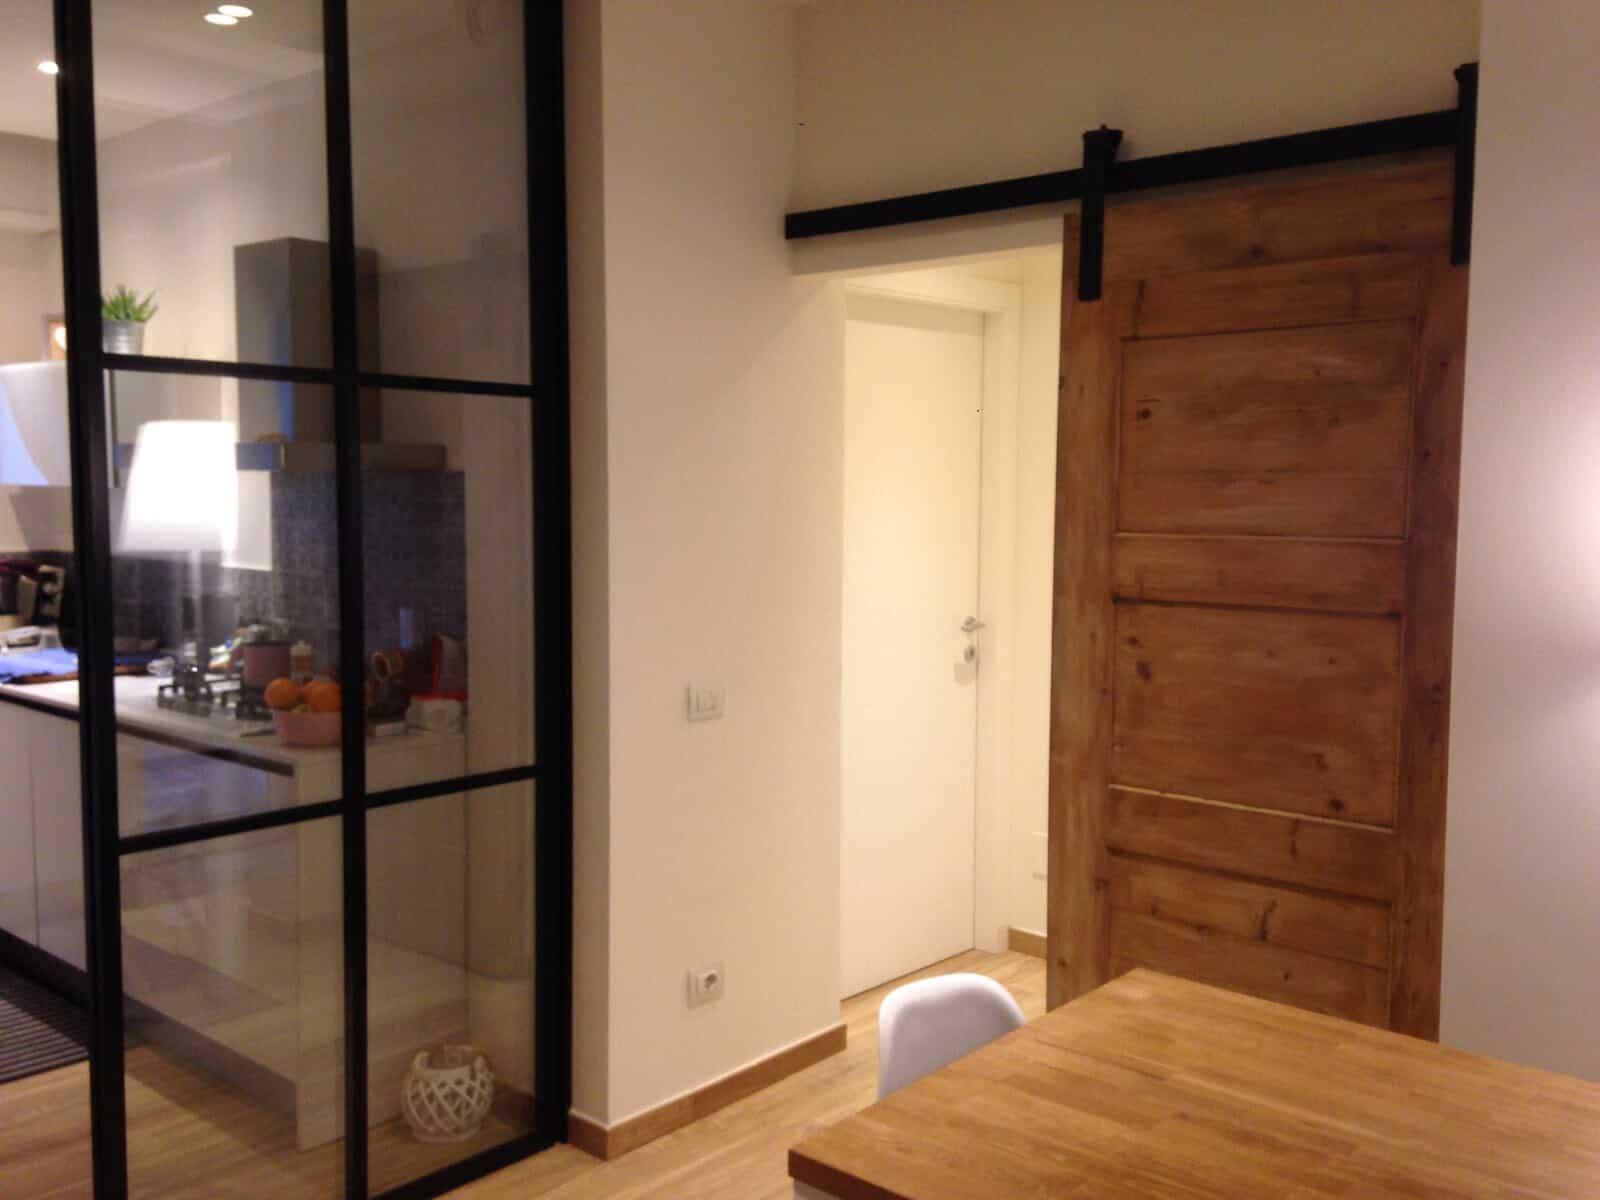 Binario per porta scorrevole in ferro le fabric design Barn Door lunghezza 2 metri anticato arredamento industriale stile fienile